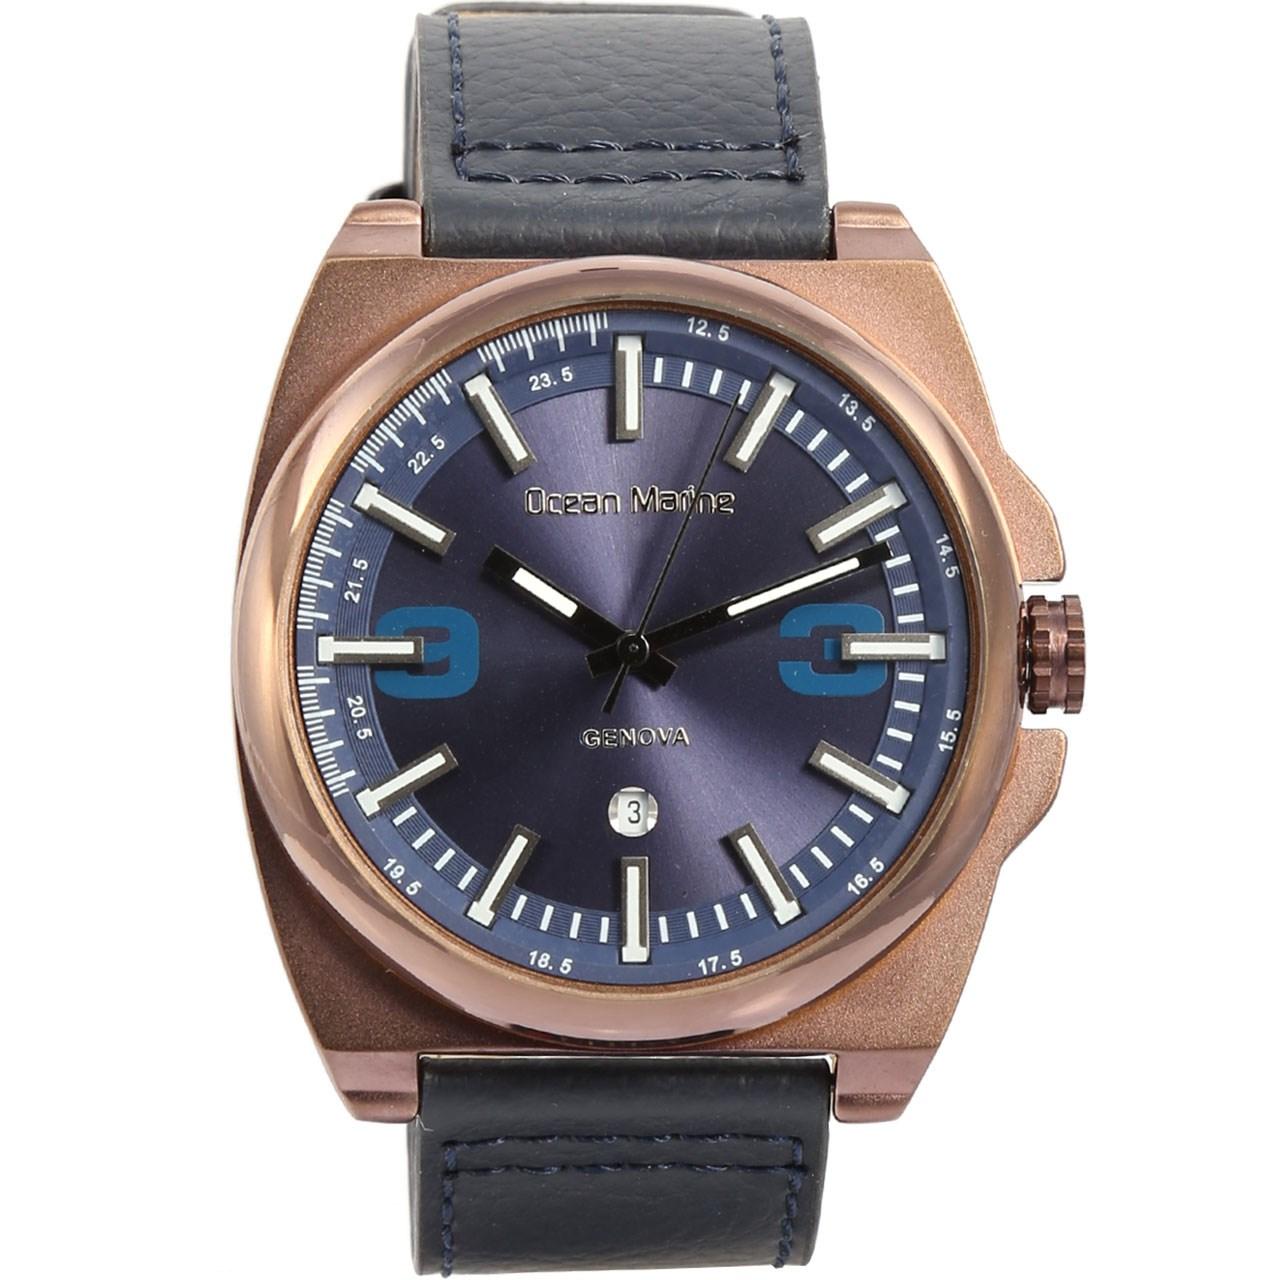 ساعت مچی عقربه ای مردانه اوشن مارین مدل OM-8010-5